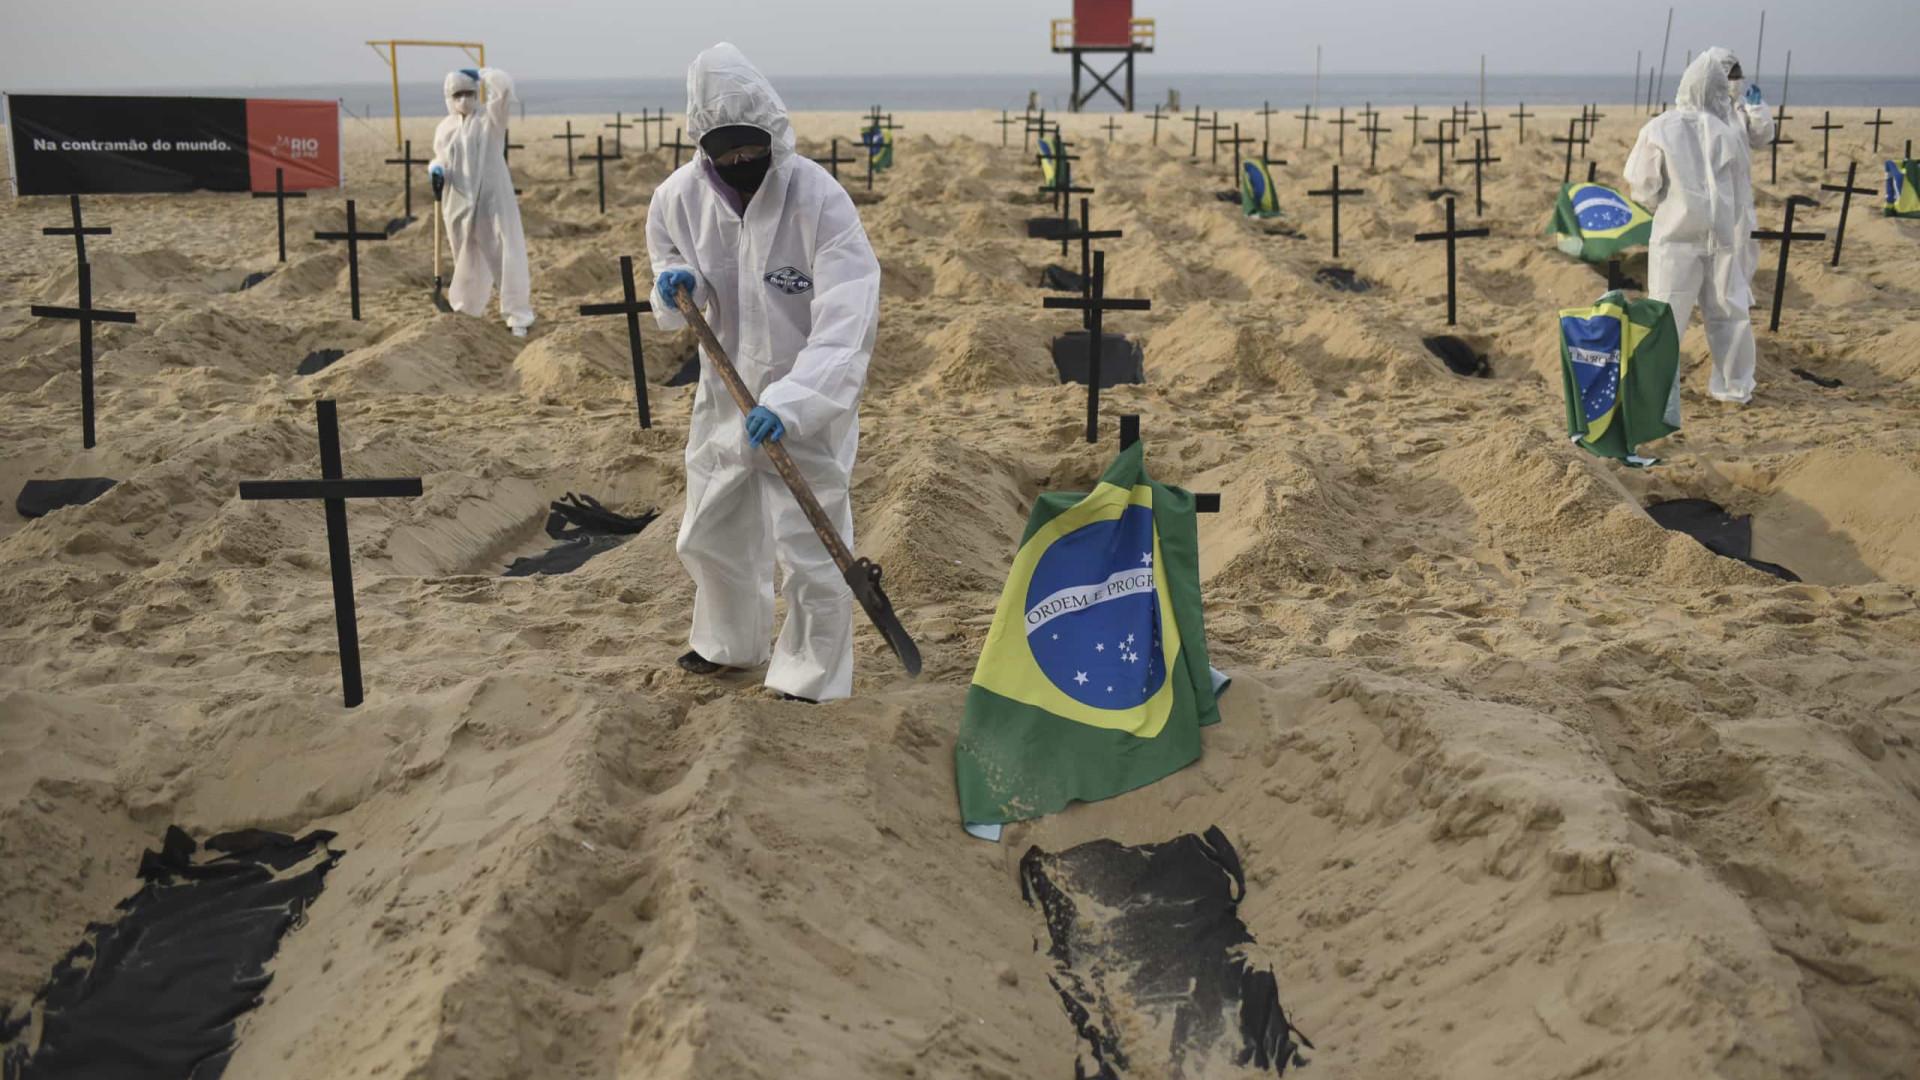 Brasil atinge maior média de mortes da pandemia neste domingo, com 1.105 vítimas